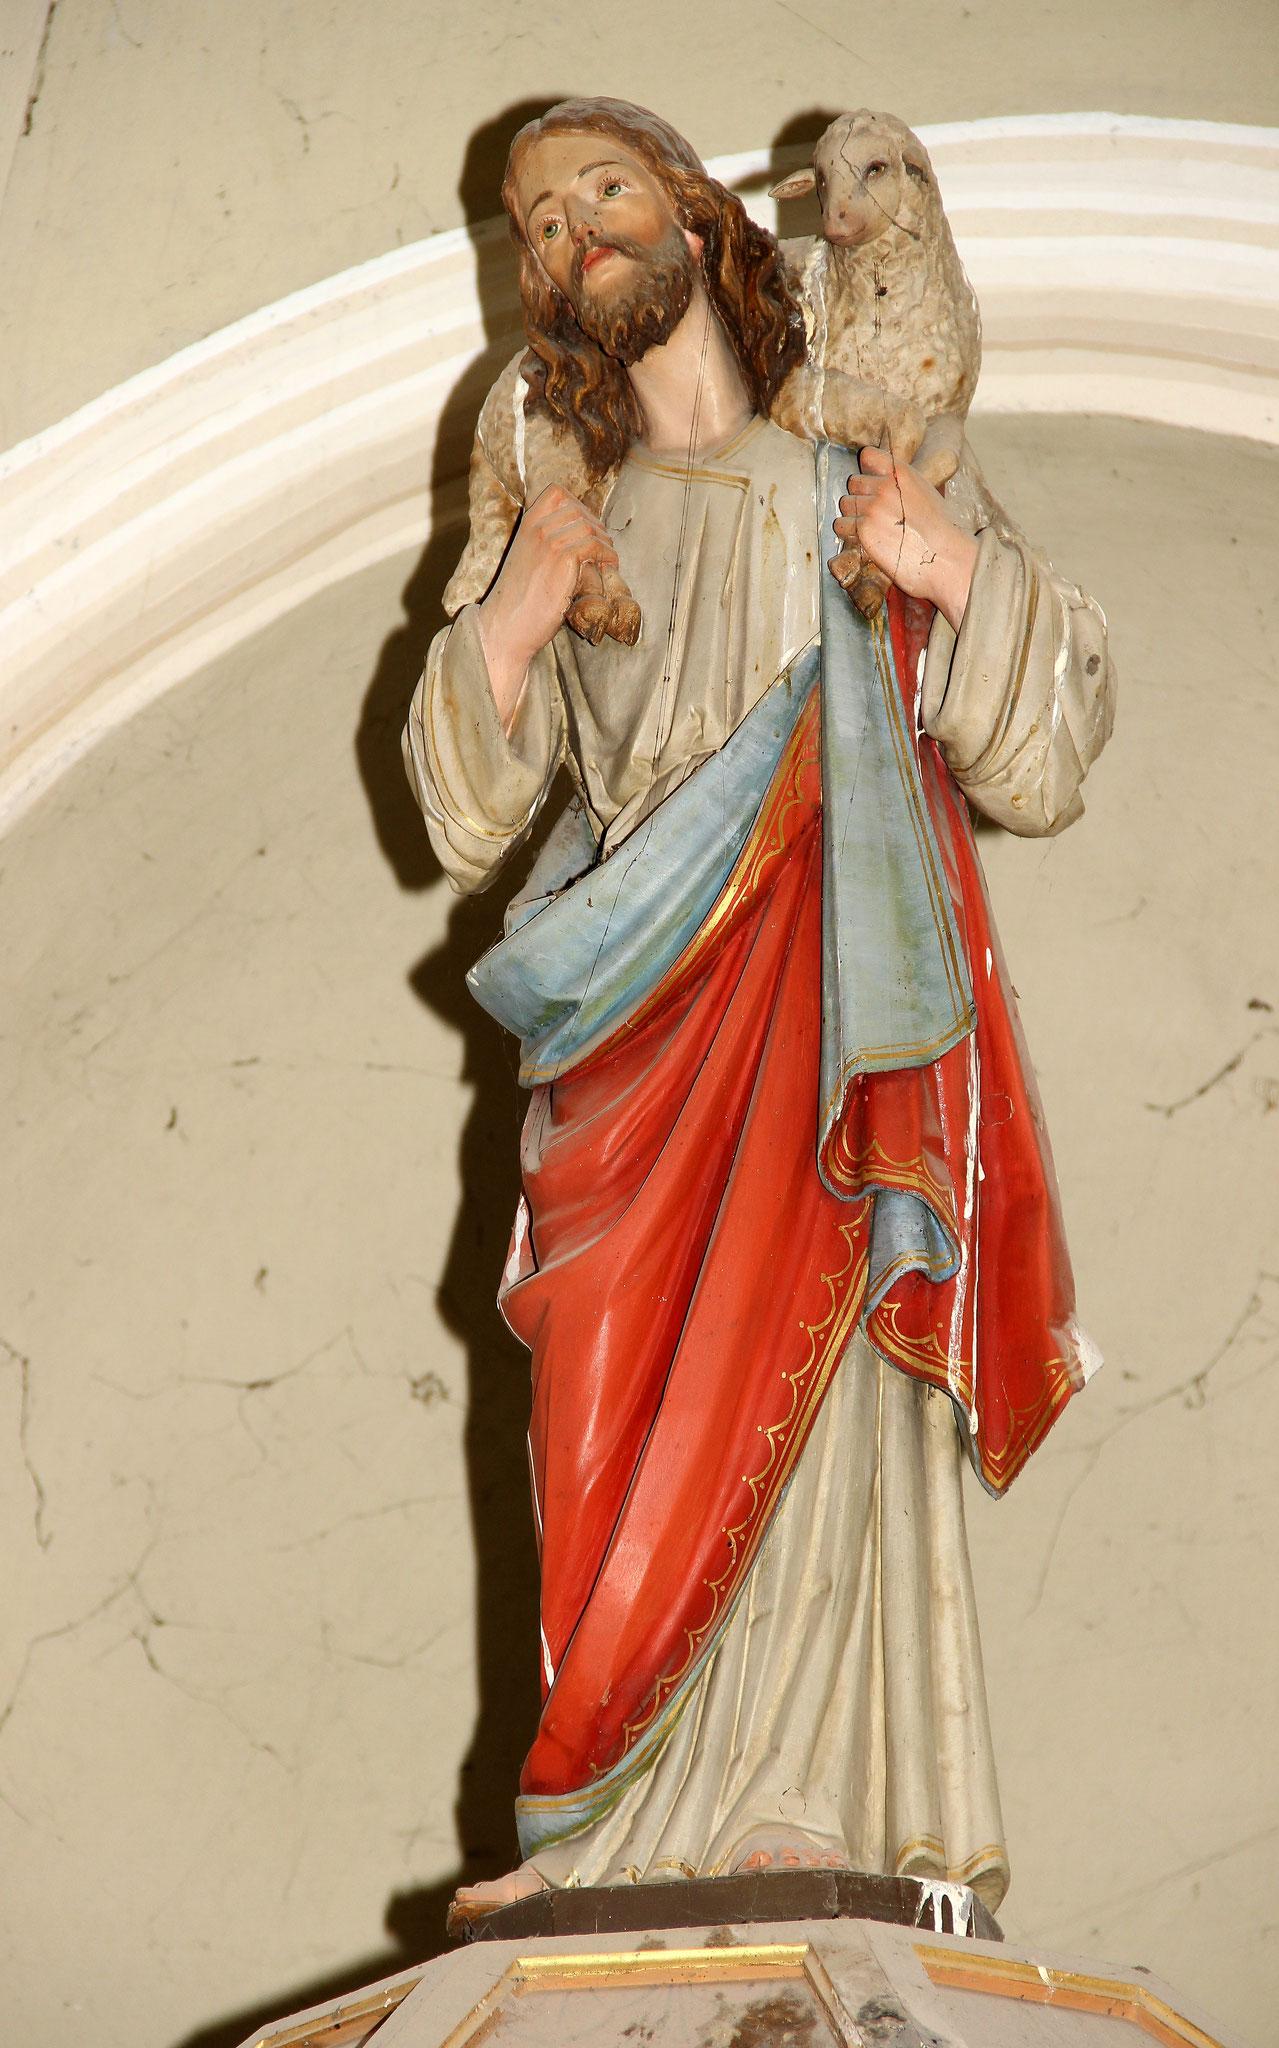 Christus der gute Hirte über dem Schalldeckel der Kanzel